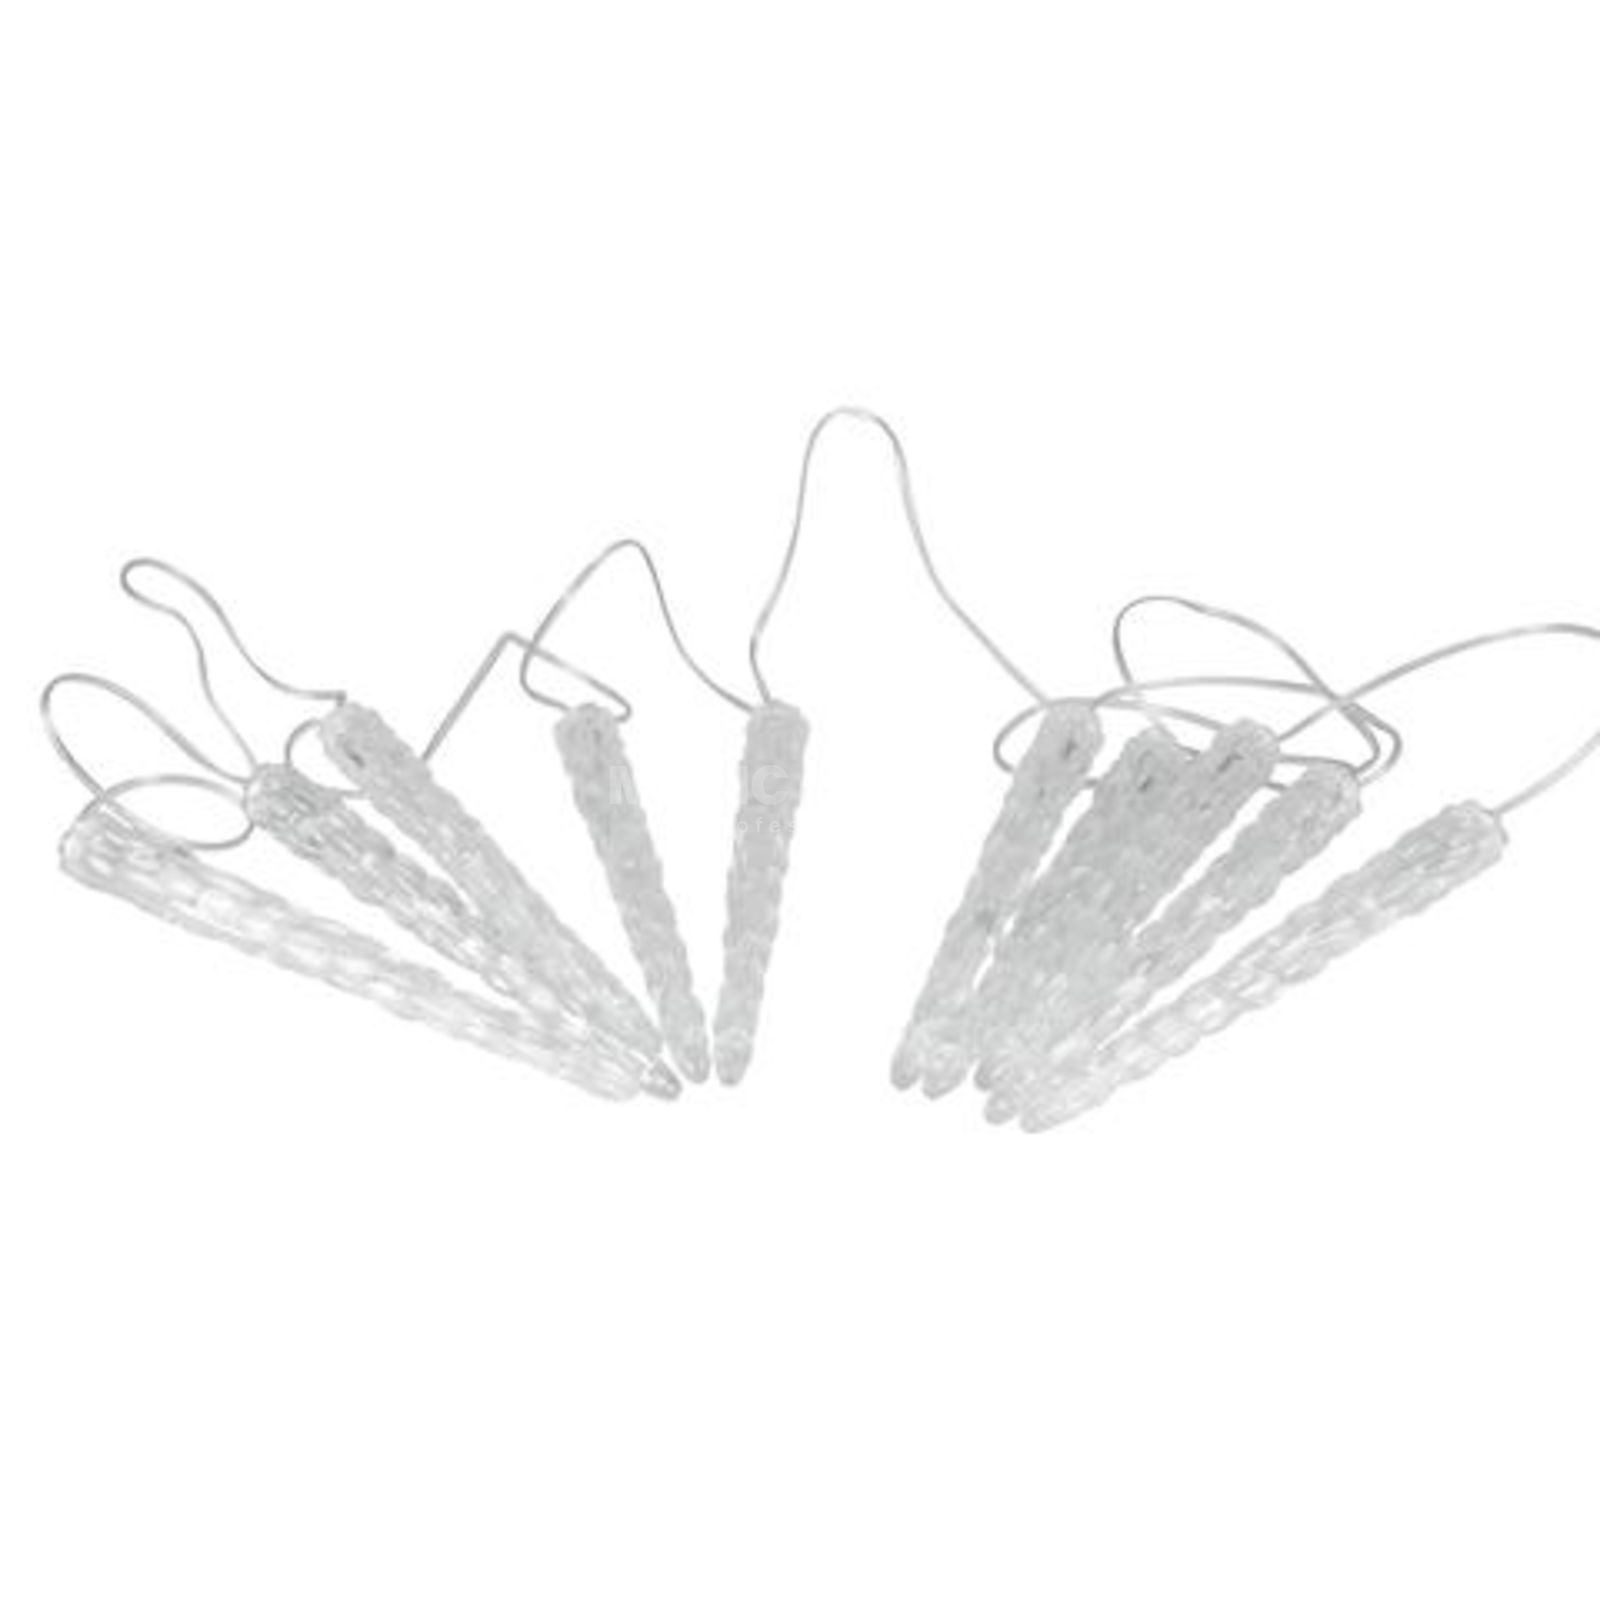 europalms-led-eiszapfen-lichterkette-10-x-24cm-weiss_1_LIG0013351-000 Schöne Led Eiszapfen Lichterkette Mit Schneefall Effekt Dekorationen